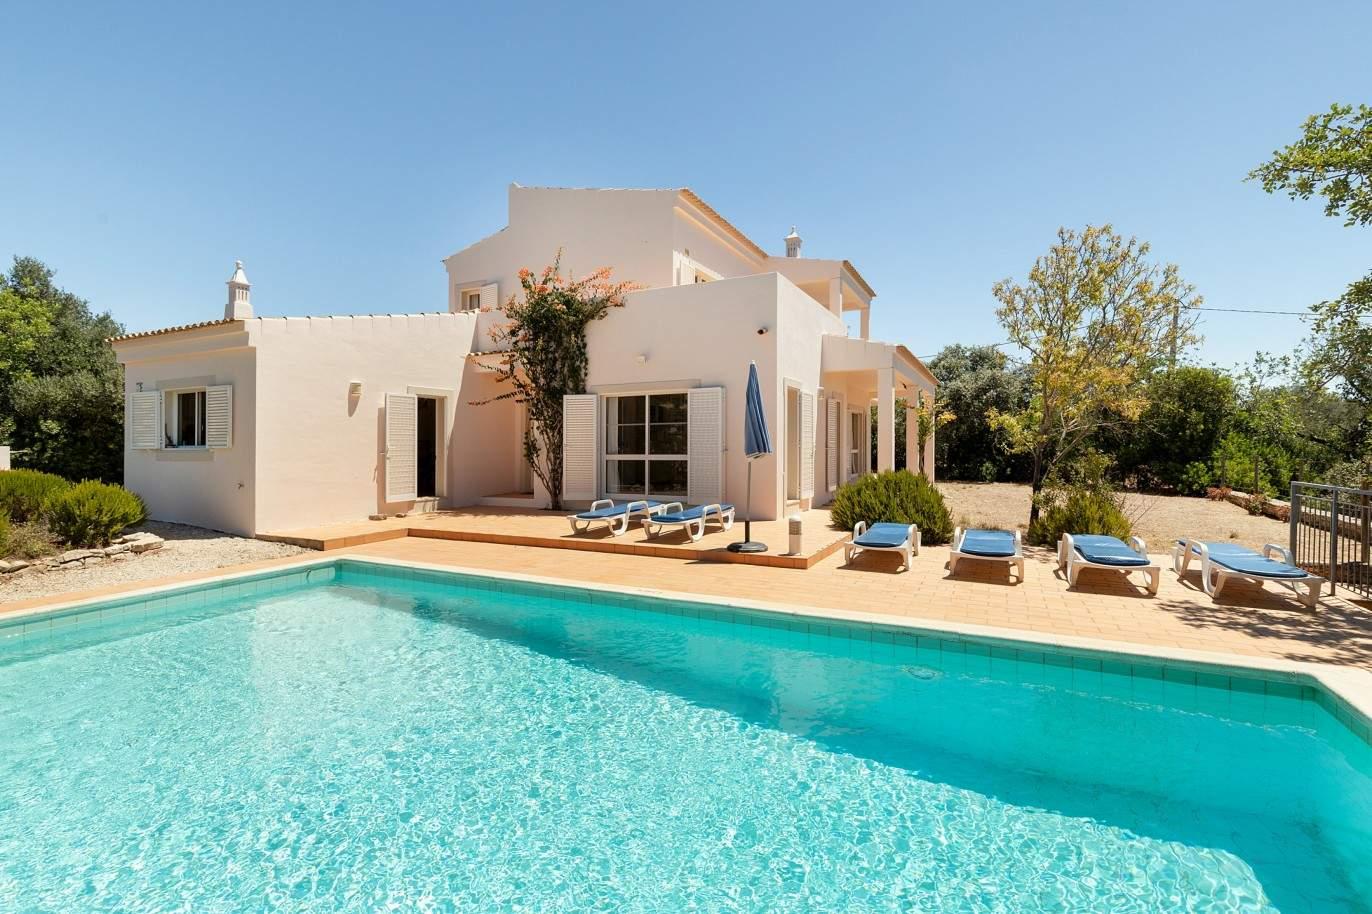 villa-de-4-chambres-avec-vue-sur-la-mer-santa-barbara-de-nexe-algarve